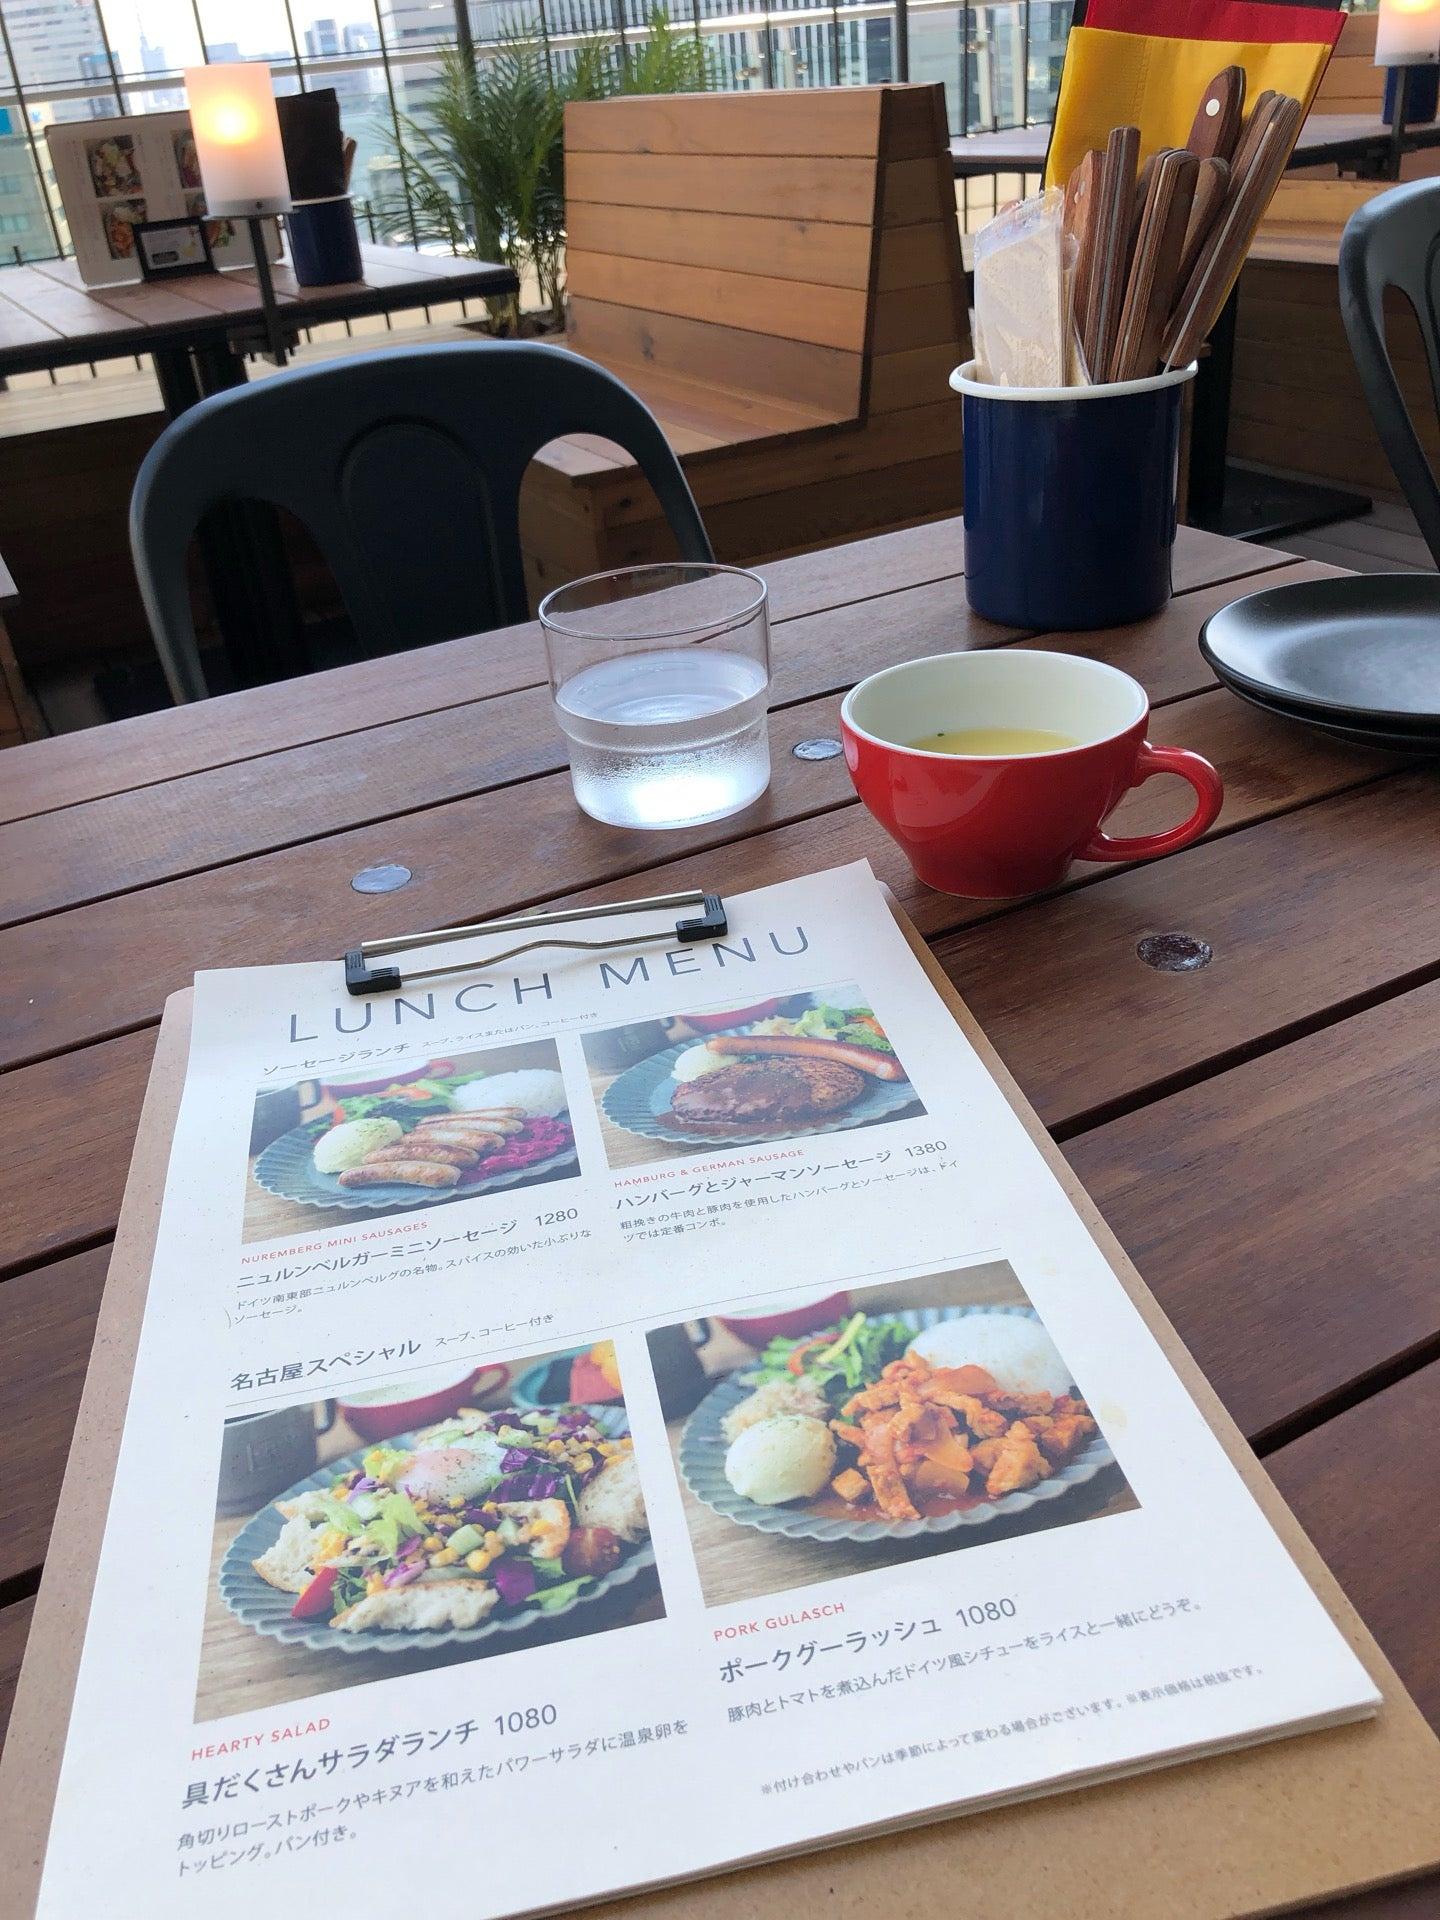 スープとランチメニュー (@ SCHMATZ BEER DINING シュマッツ・ビア・ダイニング in 中村区名駅1-1-4, 愛知県) https://t.co/7OPF2u3sNN https://t.co/QGKmKHcWVY